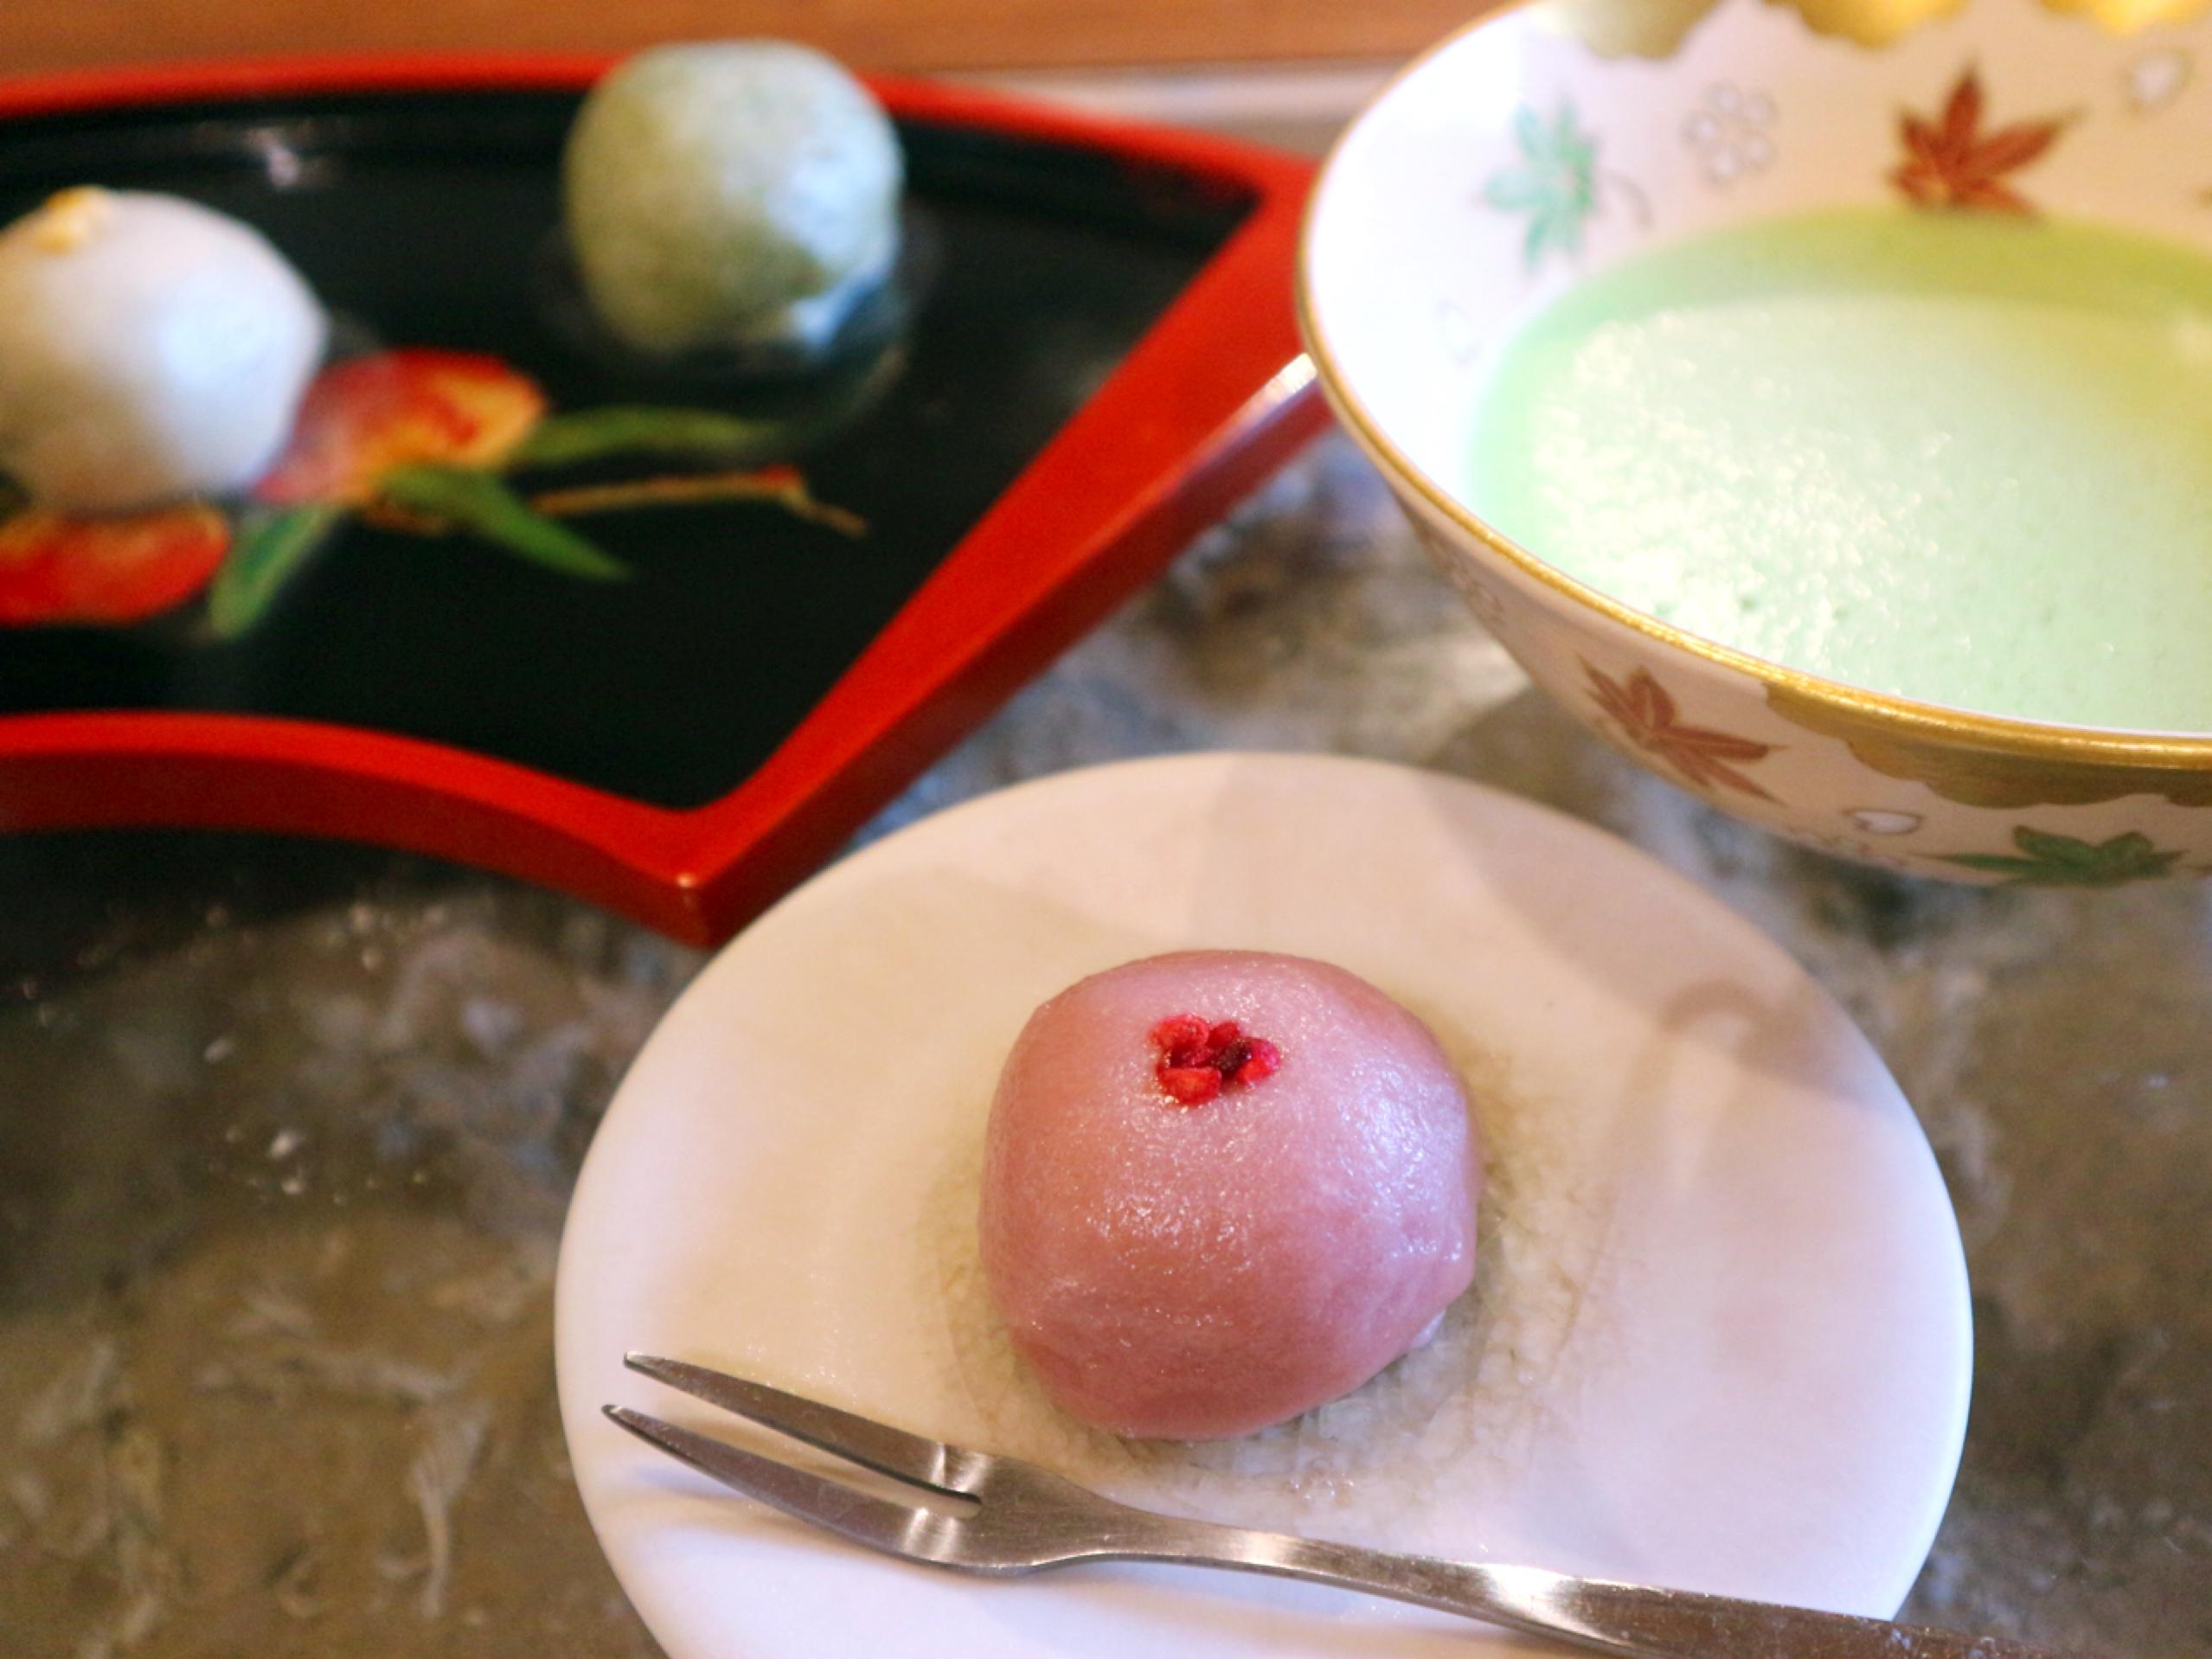 Namafu steamed buns with an addictive food texture